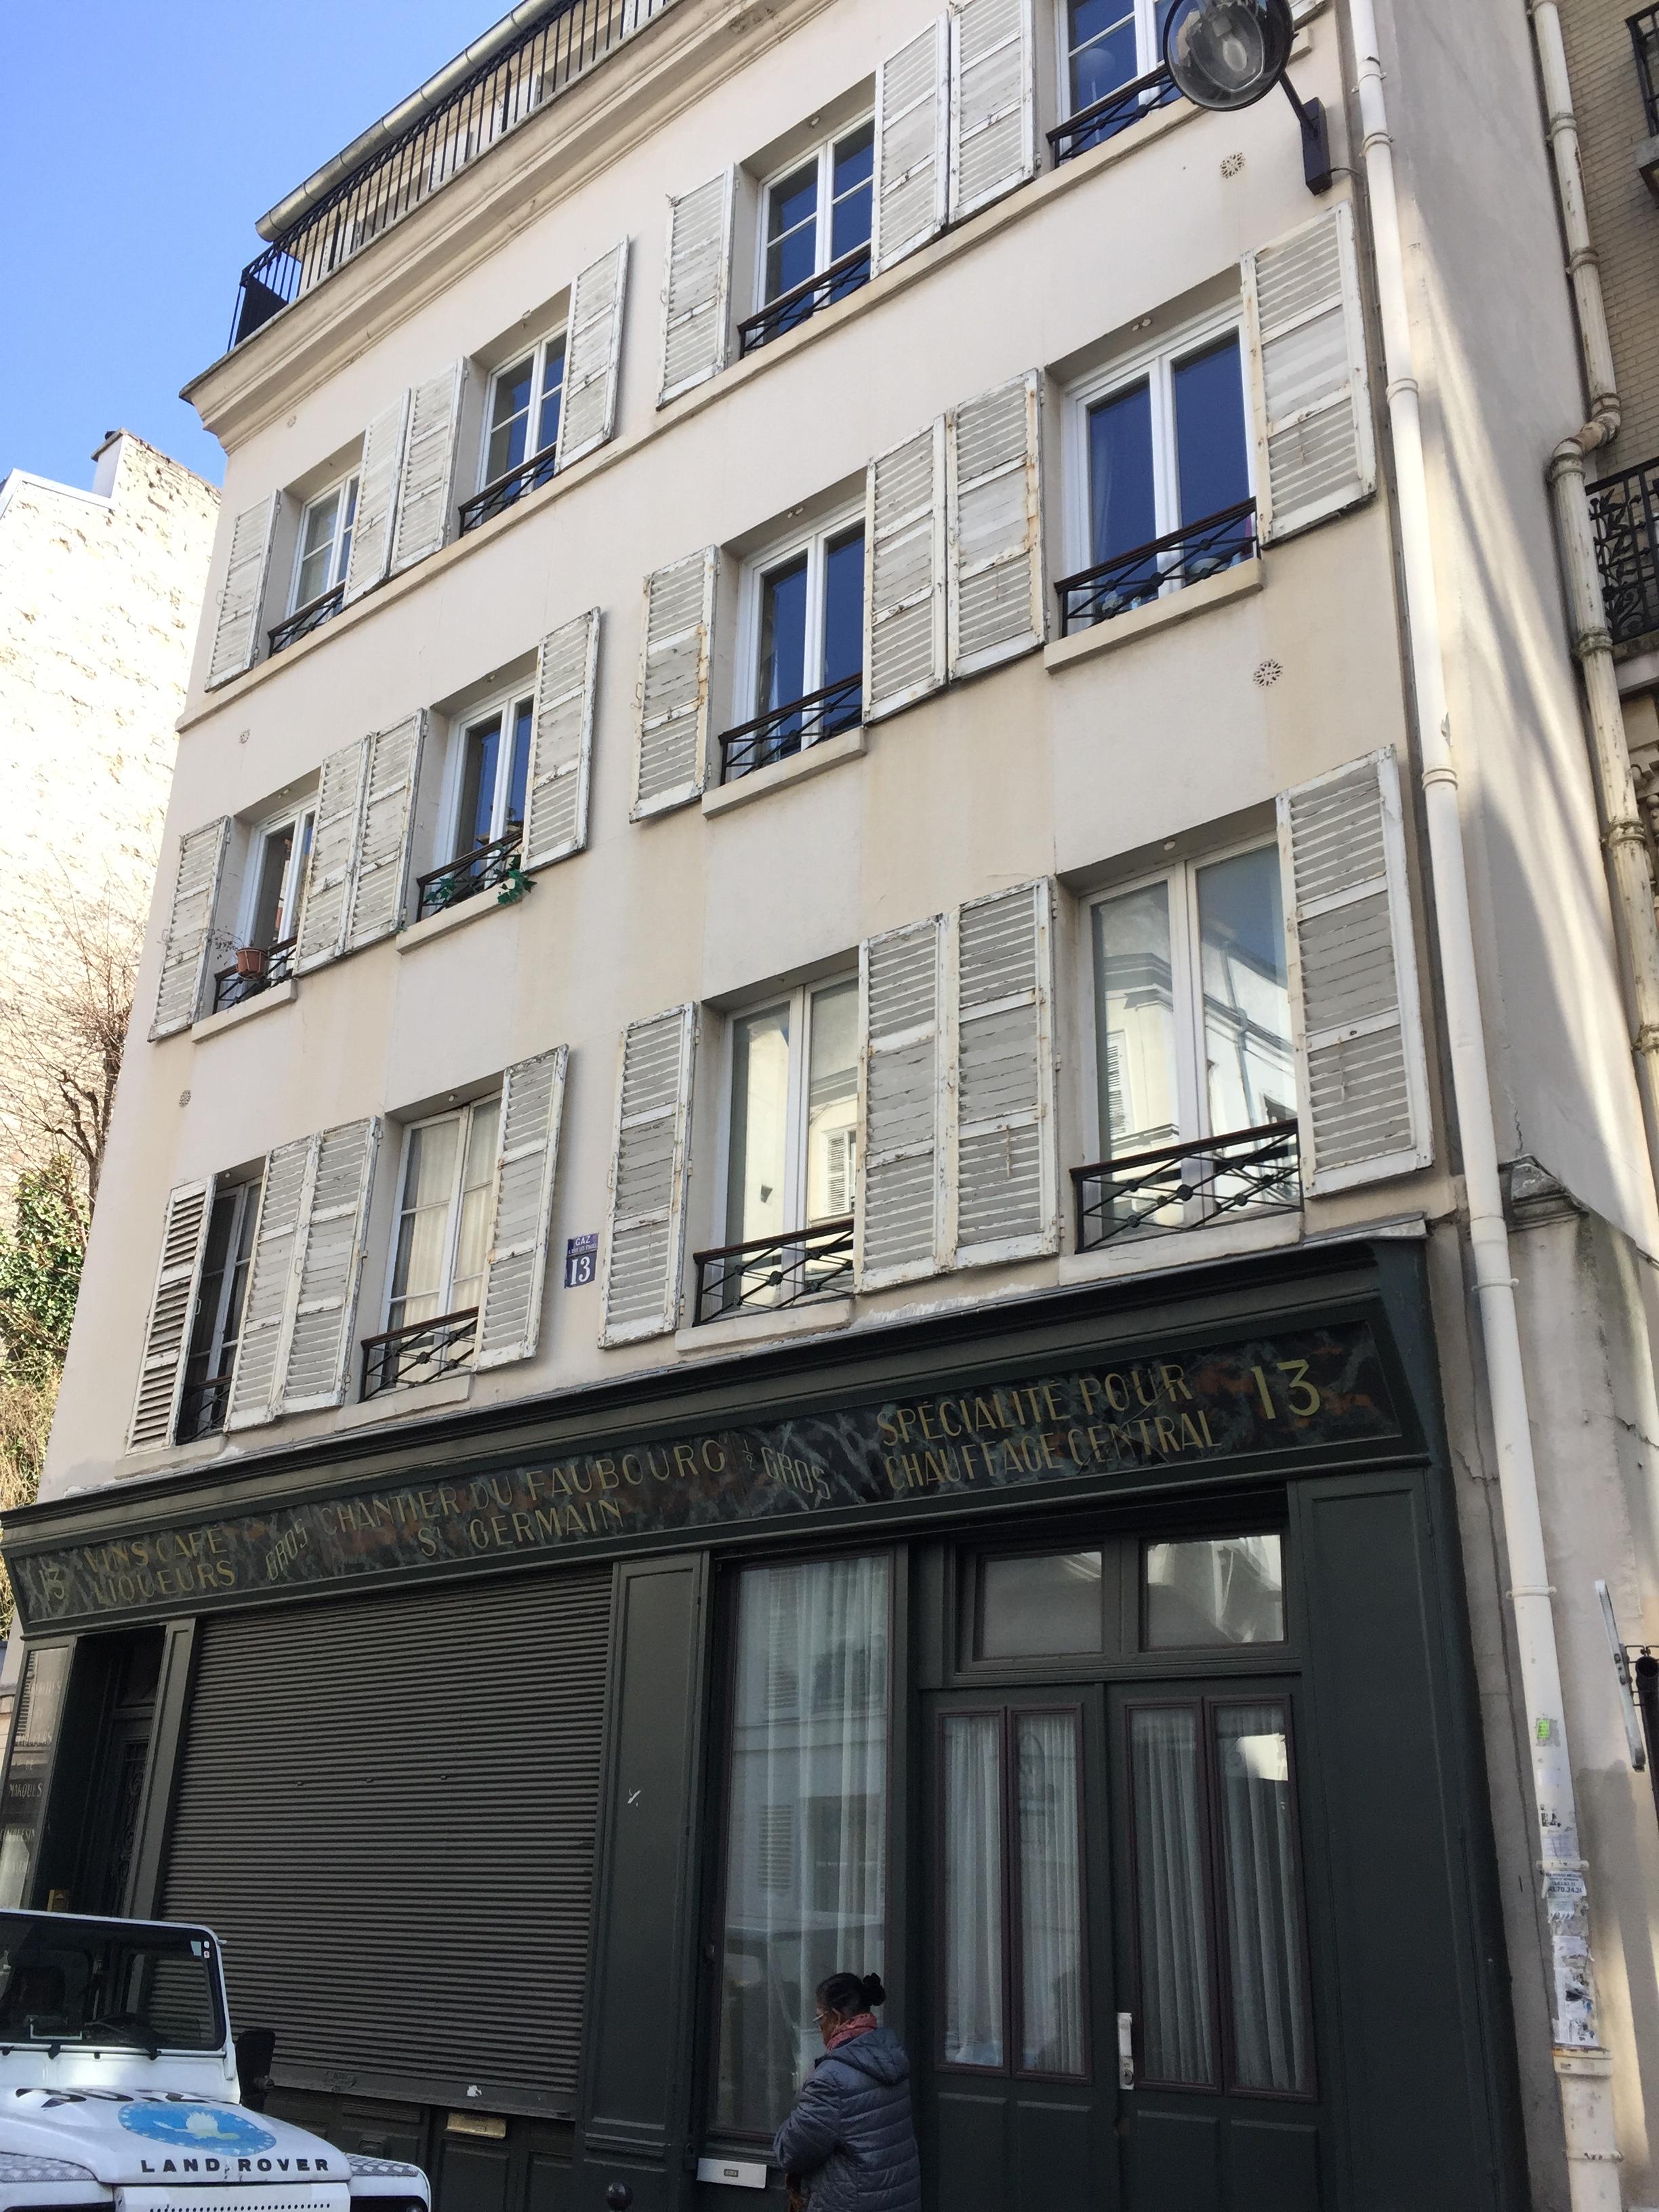 Appartement (1er ét) 71 m2 + 2 Boutiques  (RDC) 95 m2 pondéré (surface réelle 140m2) + Sous-sol 60 m2 - A rénover intégralement - Paris 7ème